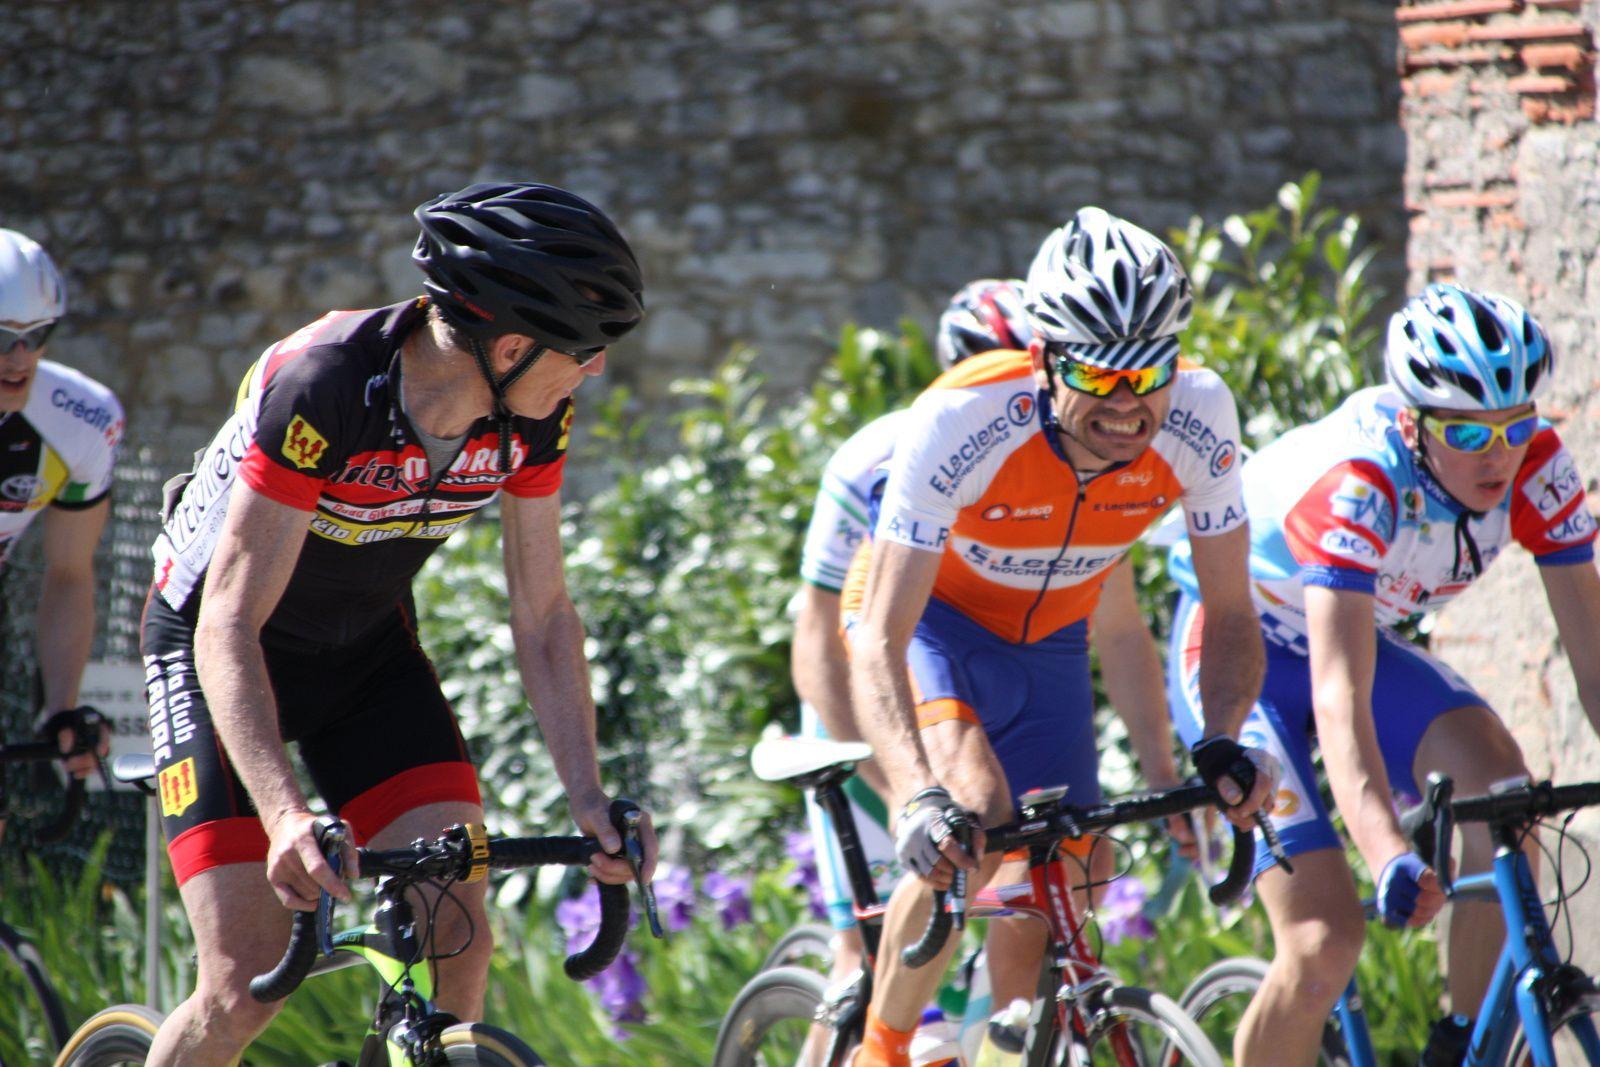 Les  2  coureurs  font  se  disputer  la  victoire